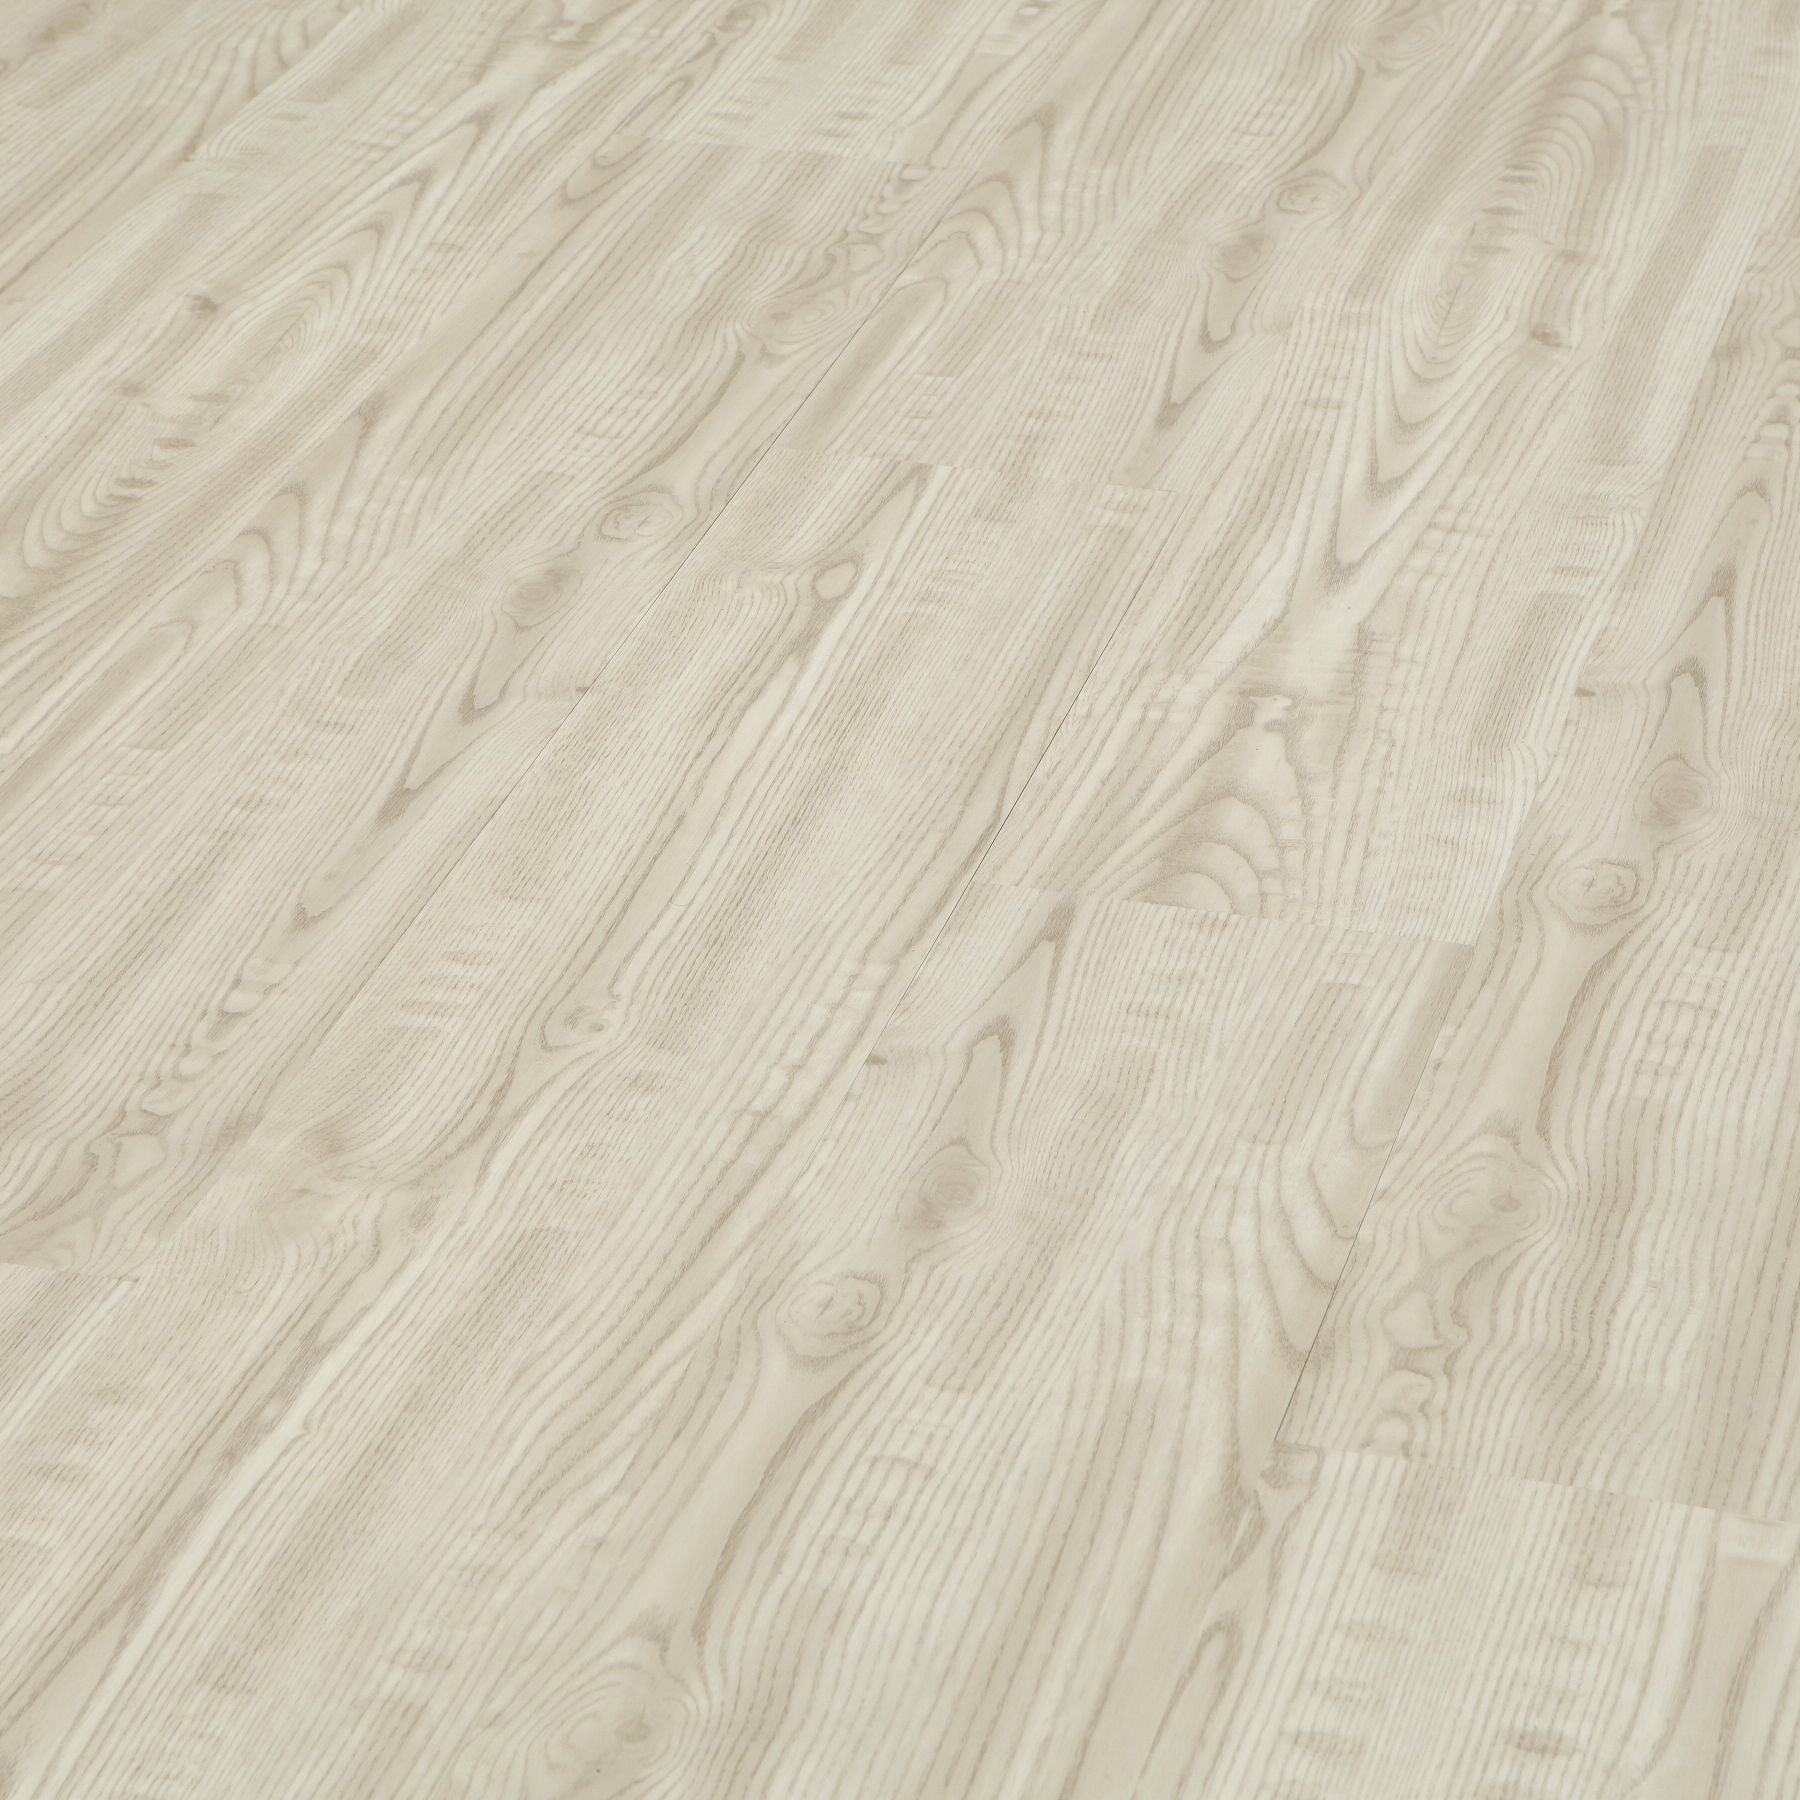 Vinylová podlaha Adramaq, dekor Dub bílý